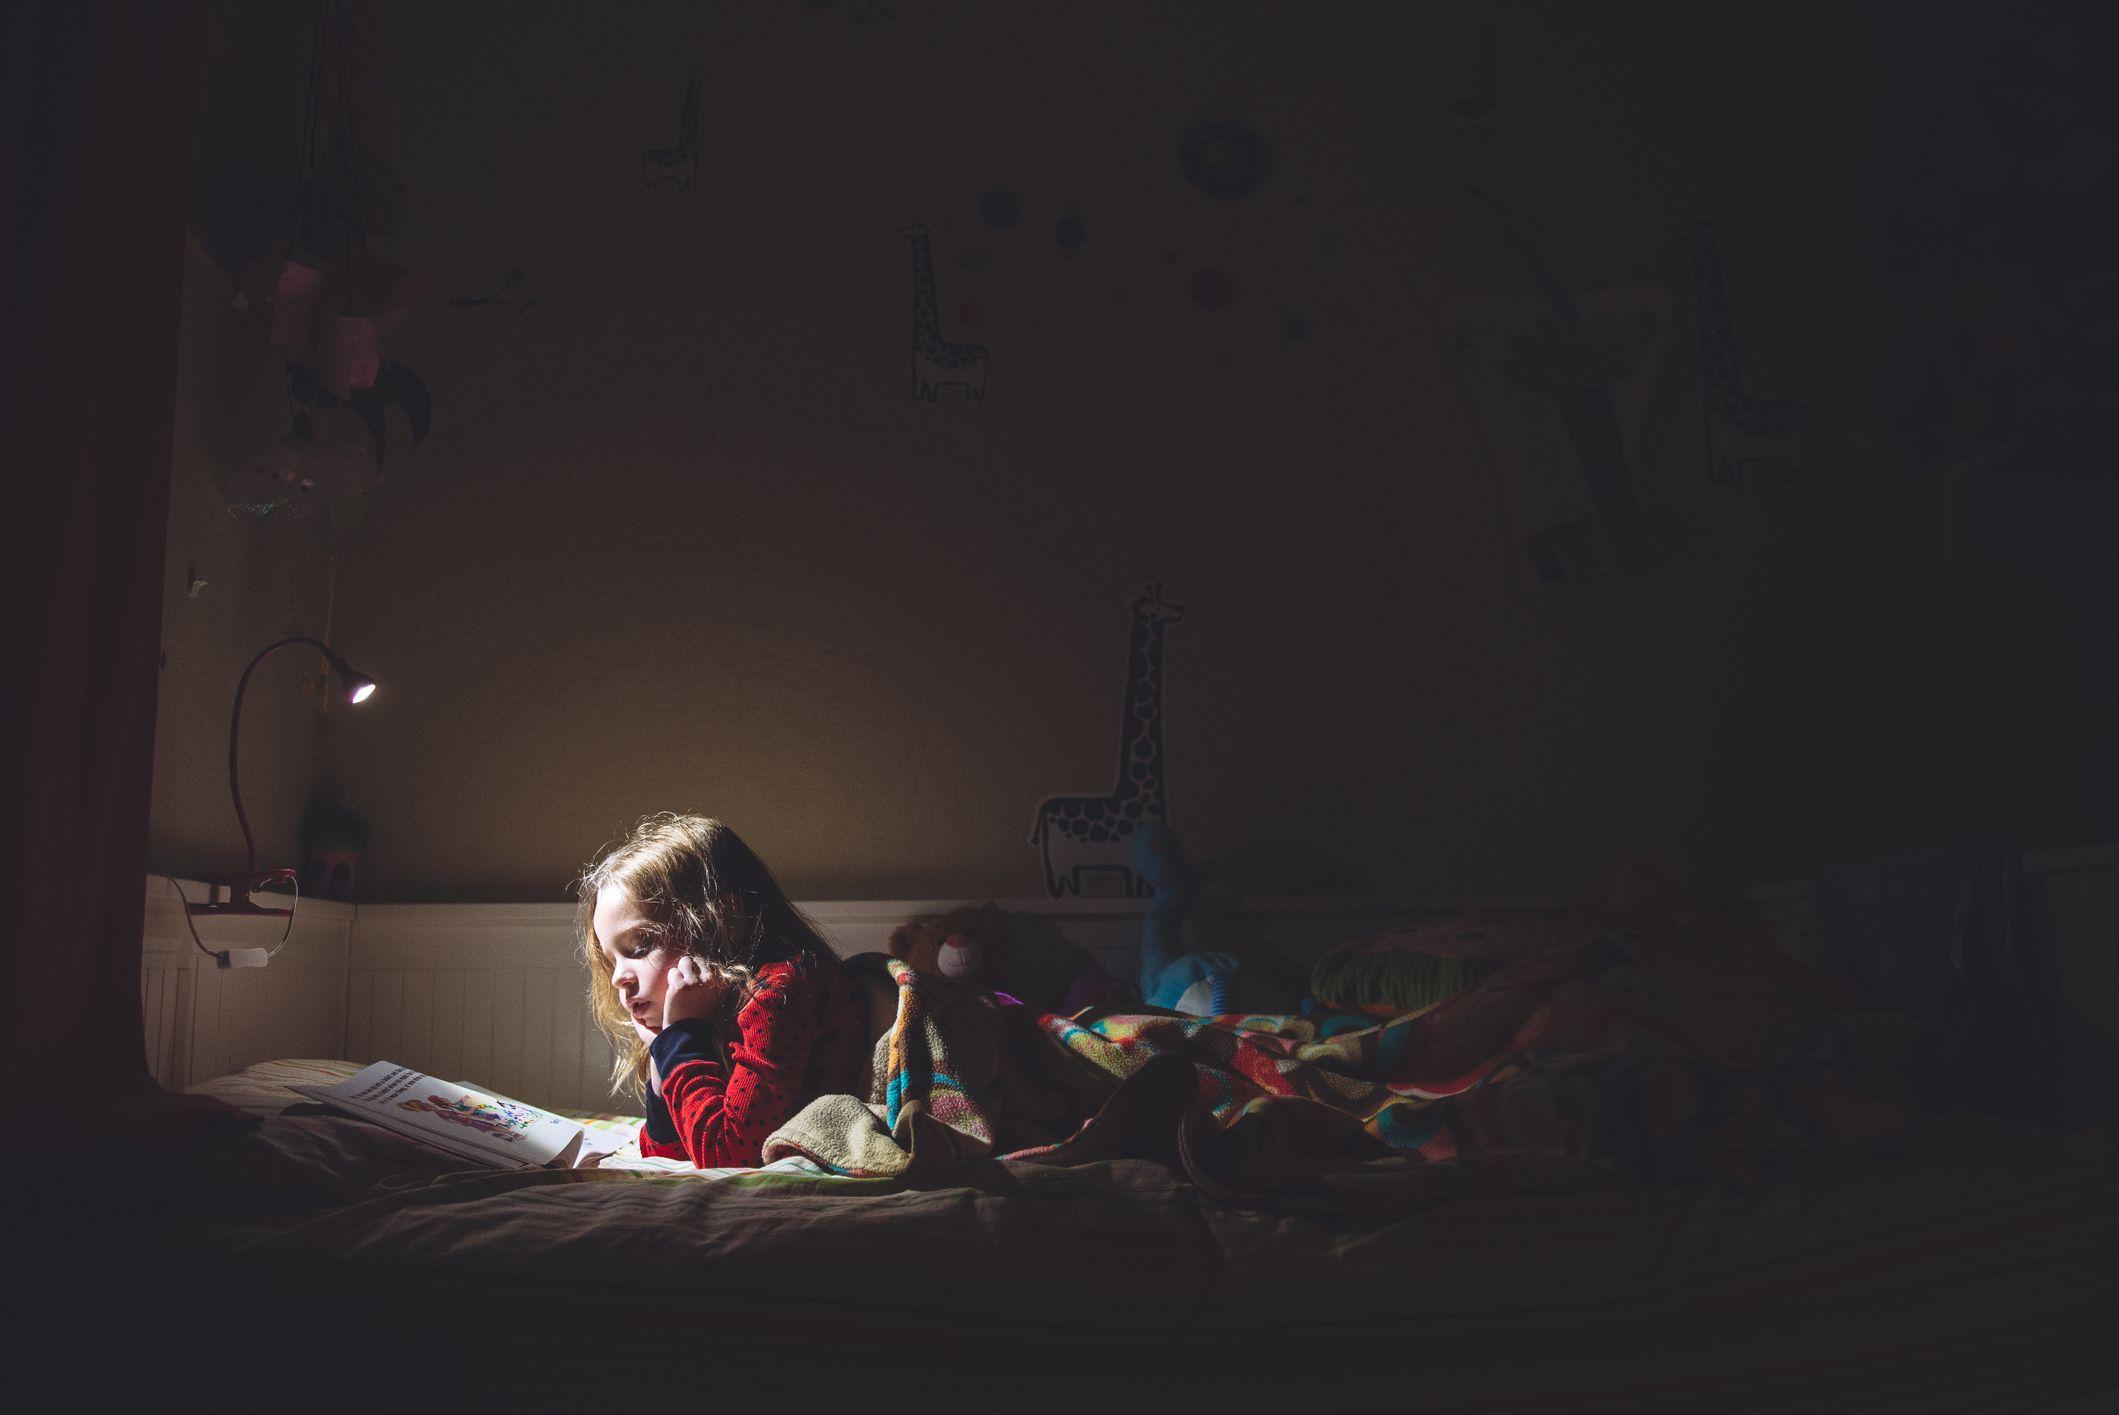 Storie della buonanotte per bambine ribelli sarà un libro vietato in Turchia (ed è un passo indietro per tutti)